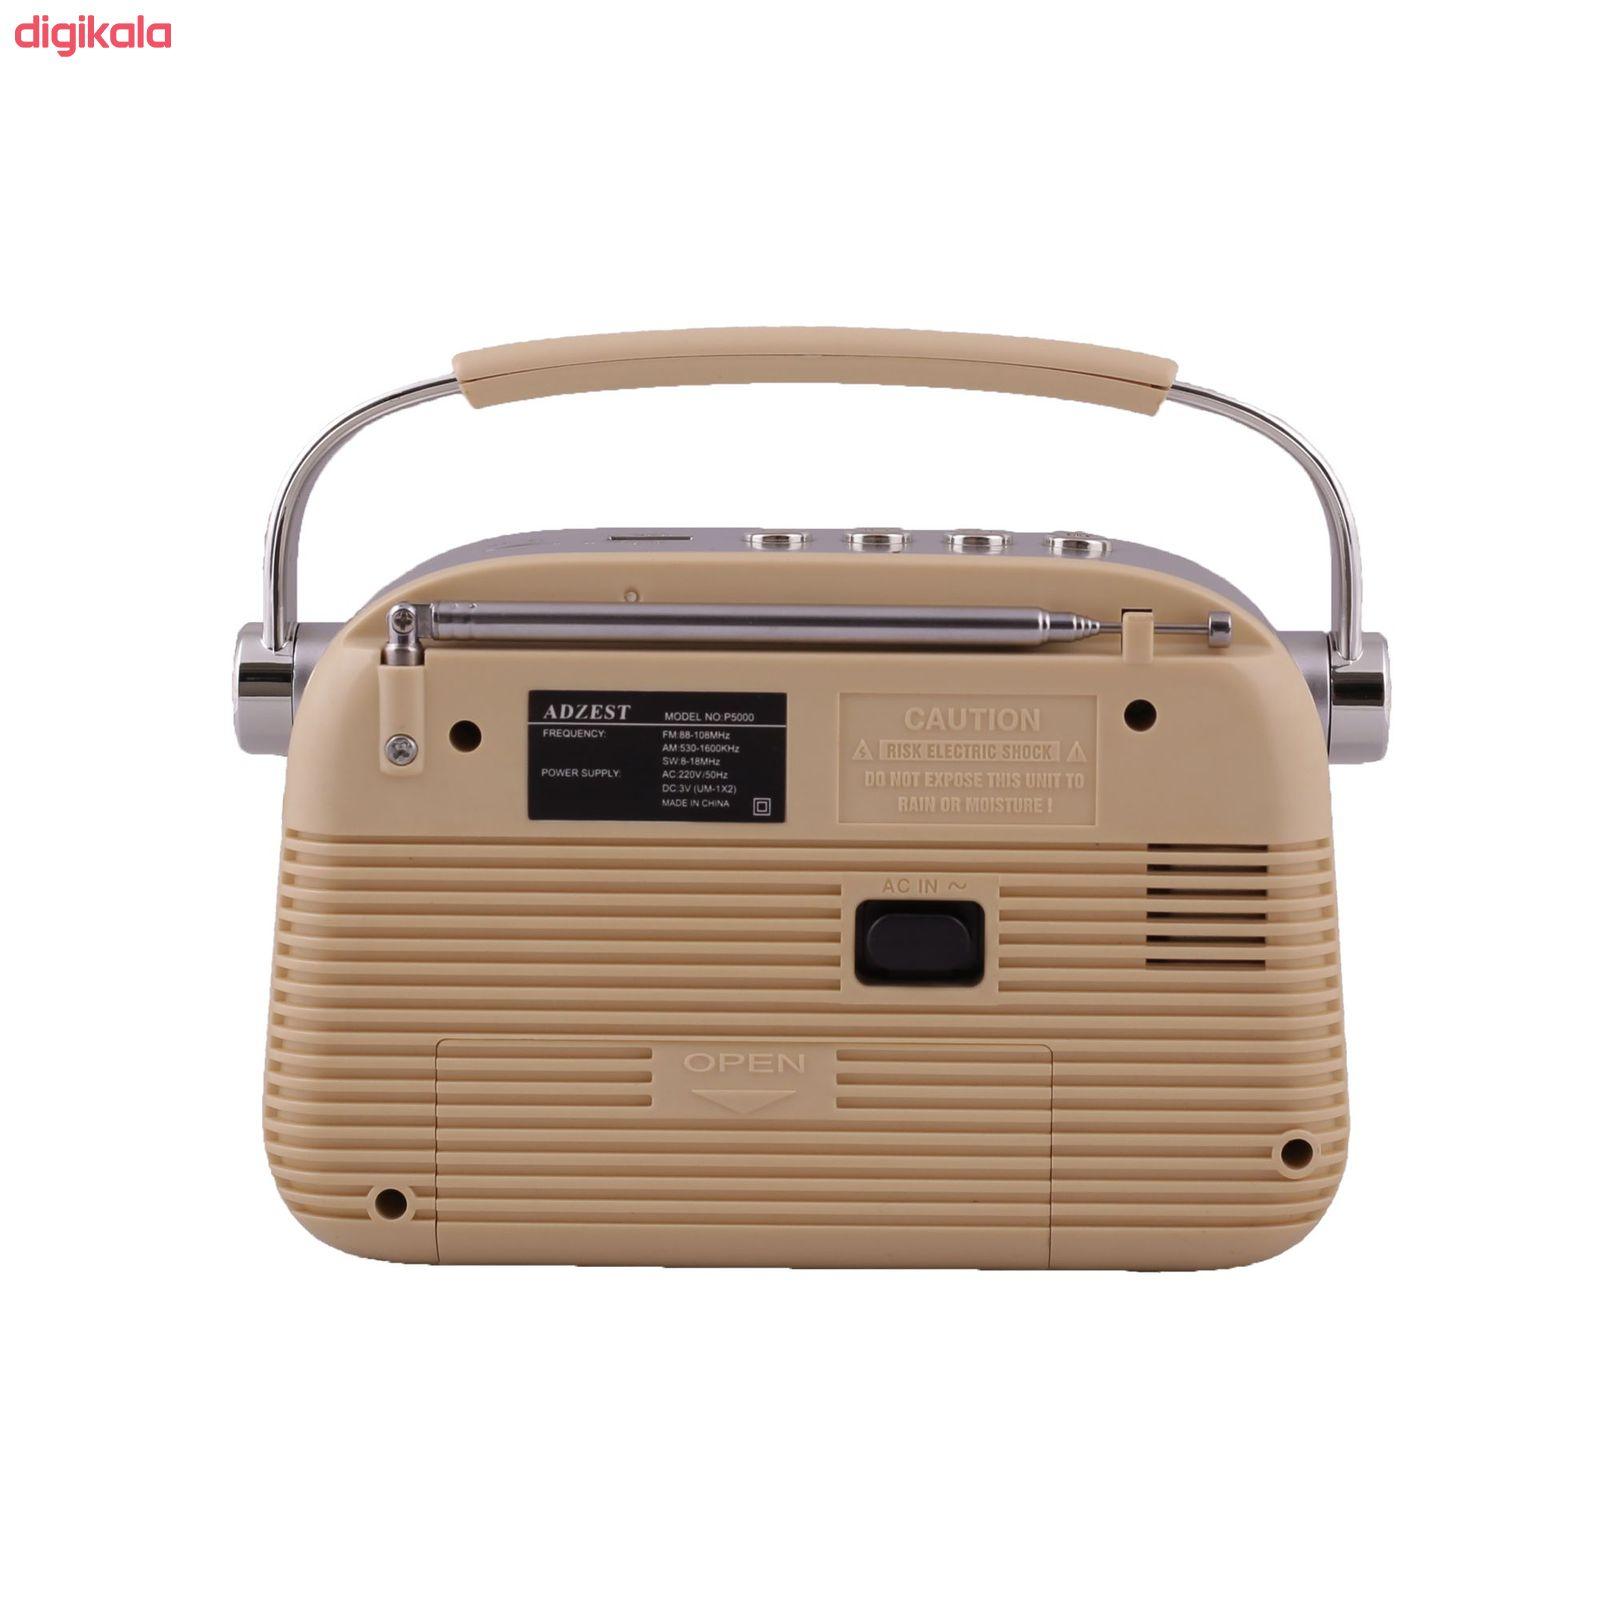 رادیو آدزست مدل P5000 main 1 1